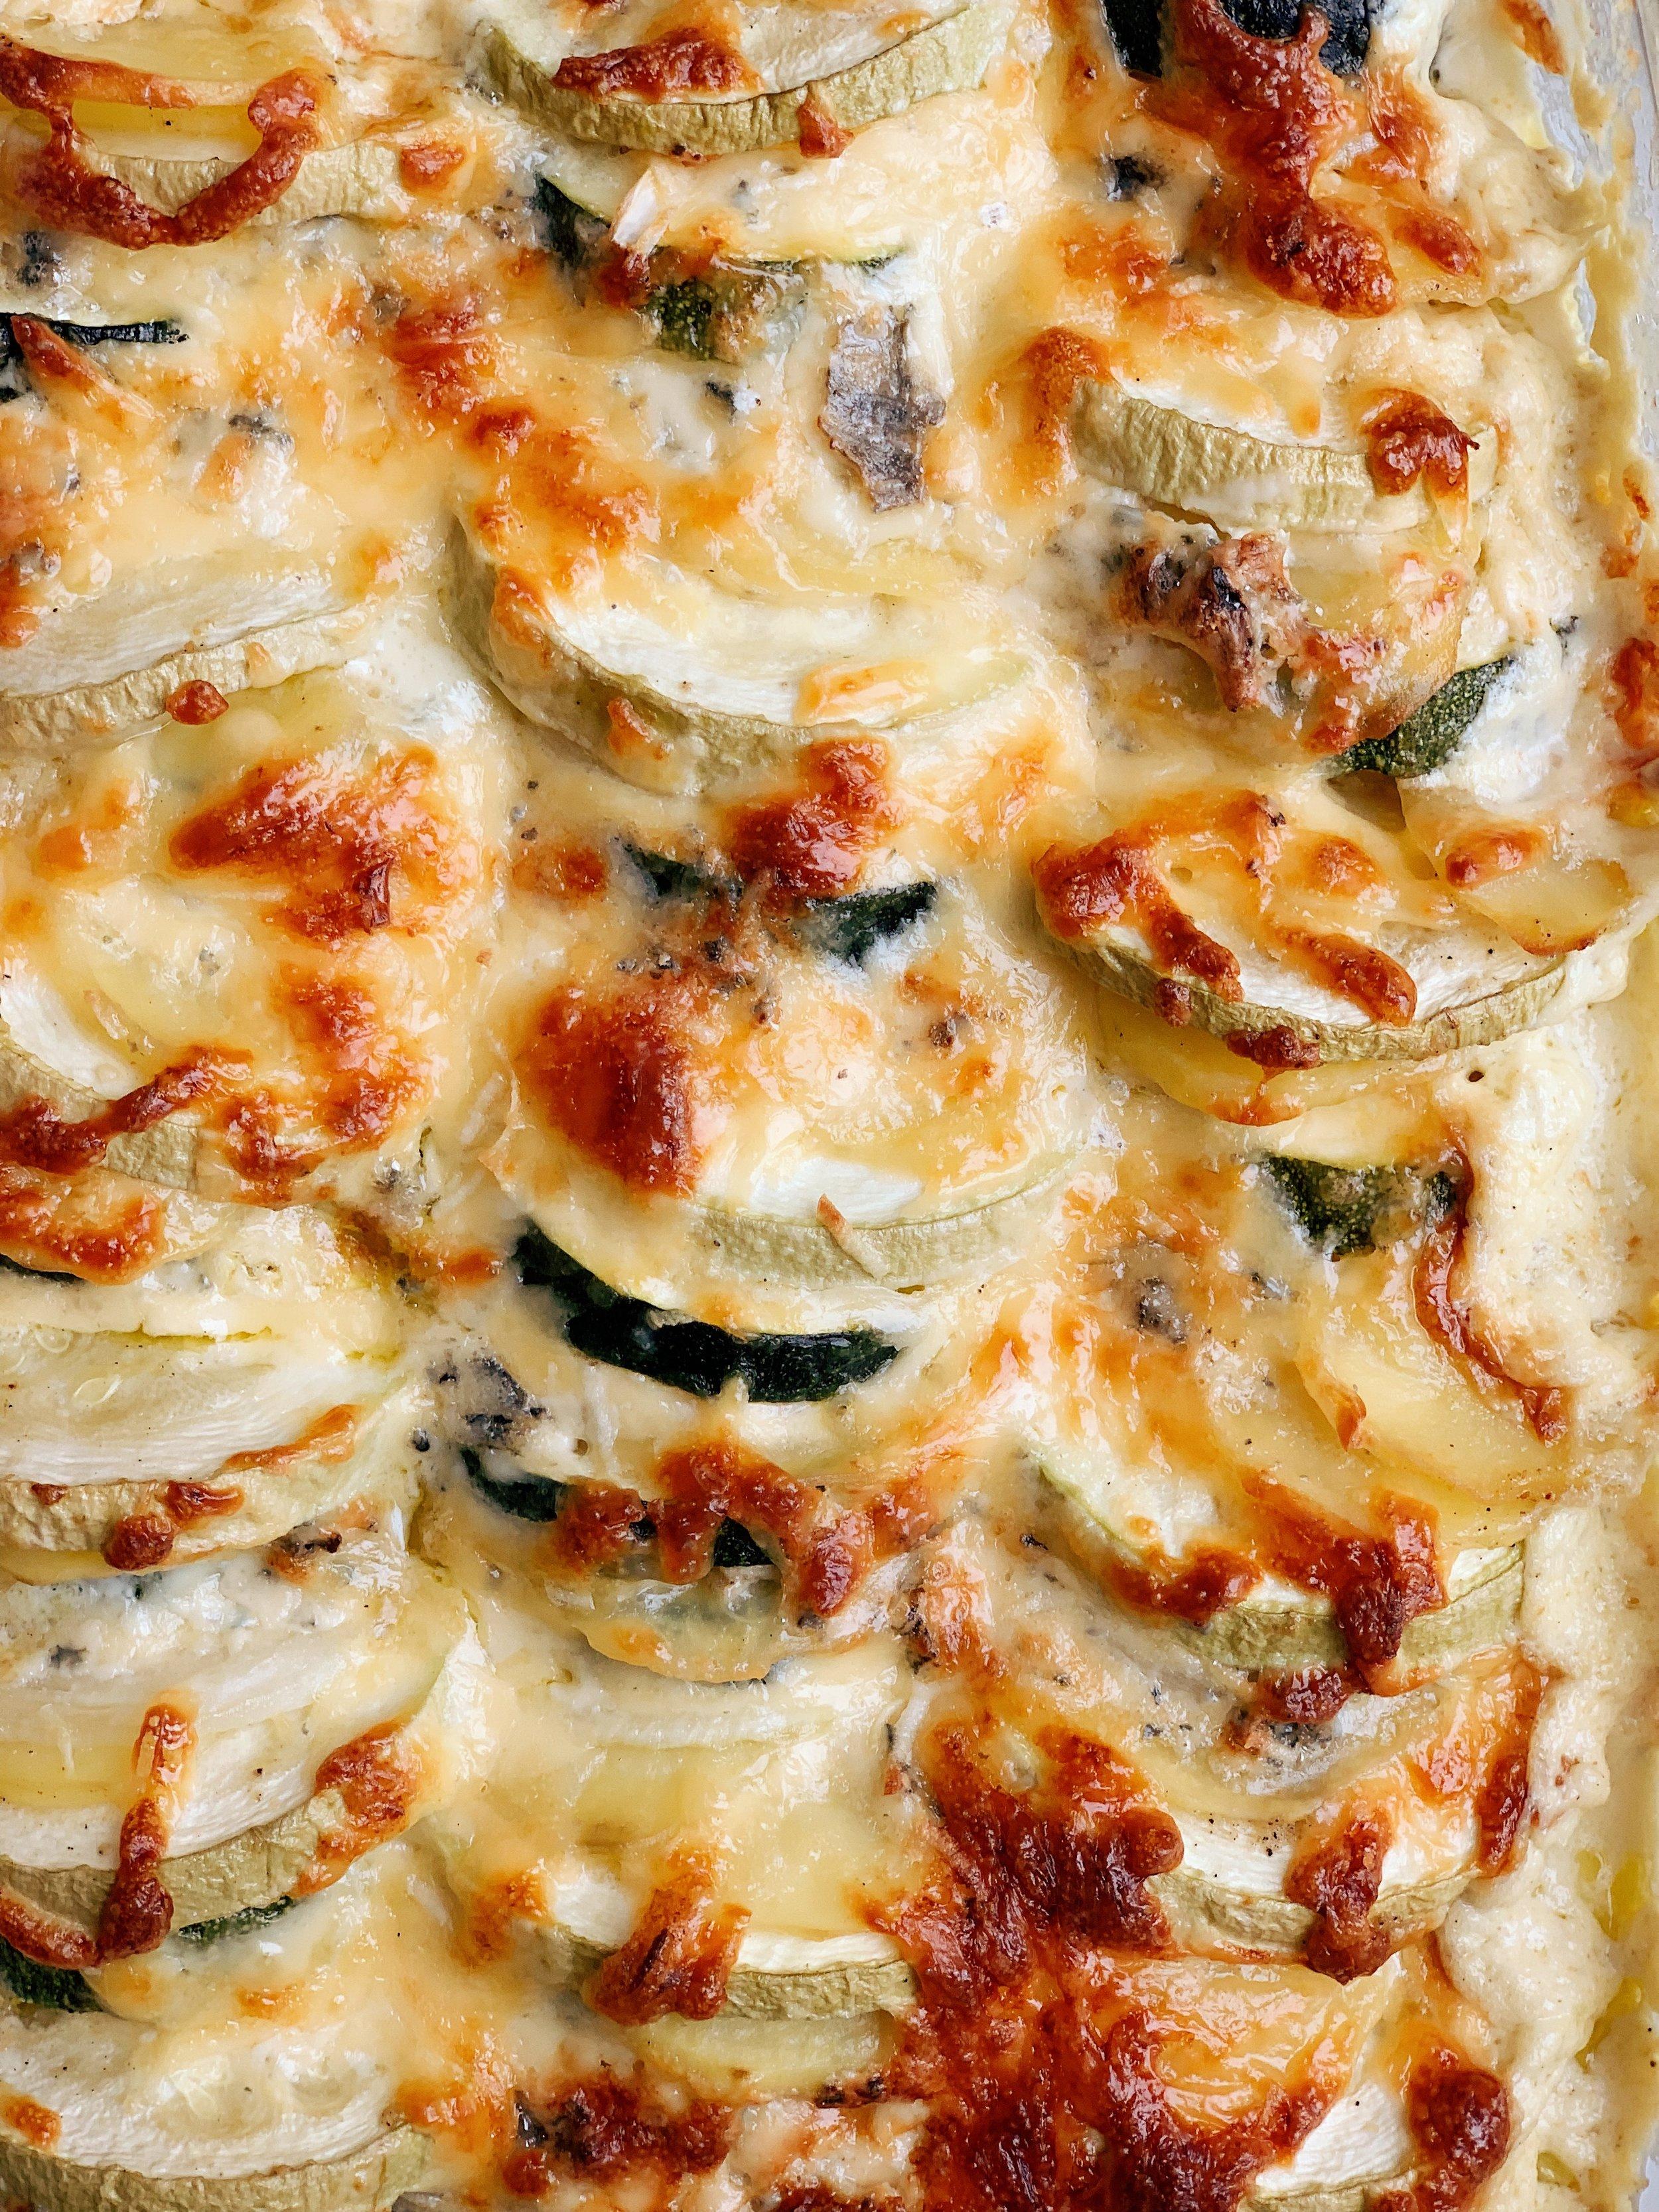 kartupeļu un kabaču sacepums ar sieru - stabs, stabs, koks, koks, māja, māja, siers, siers, kabacis, kartupelis, brokastis, pusdienas, vakariņas 🍽🧀🥔 kabaču un kartupeļu sacepums ar divu veidu sieriem, apbrūnējušu virspusi un sierainu mērci apakšpusē būs ļoti labs sabiedrotais kabaču laika maltītēm.